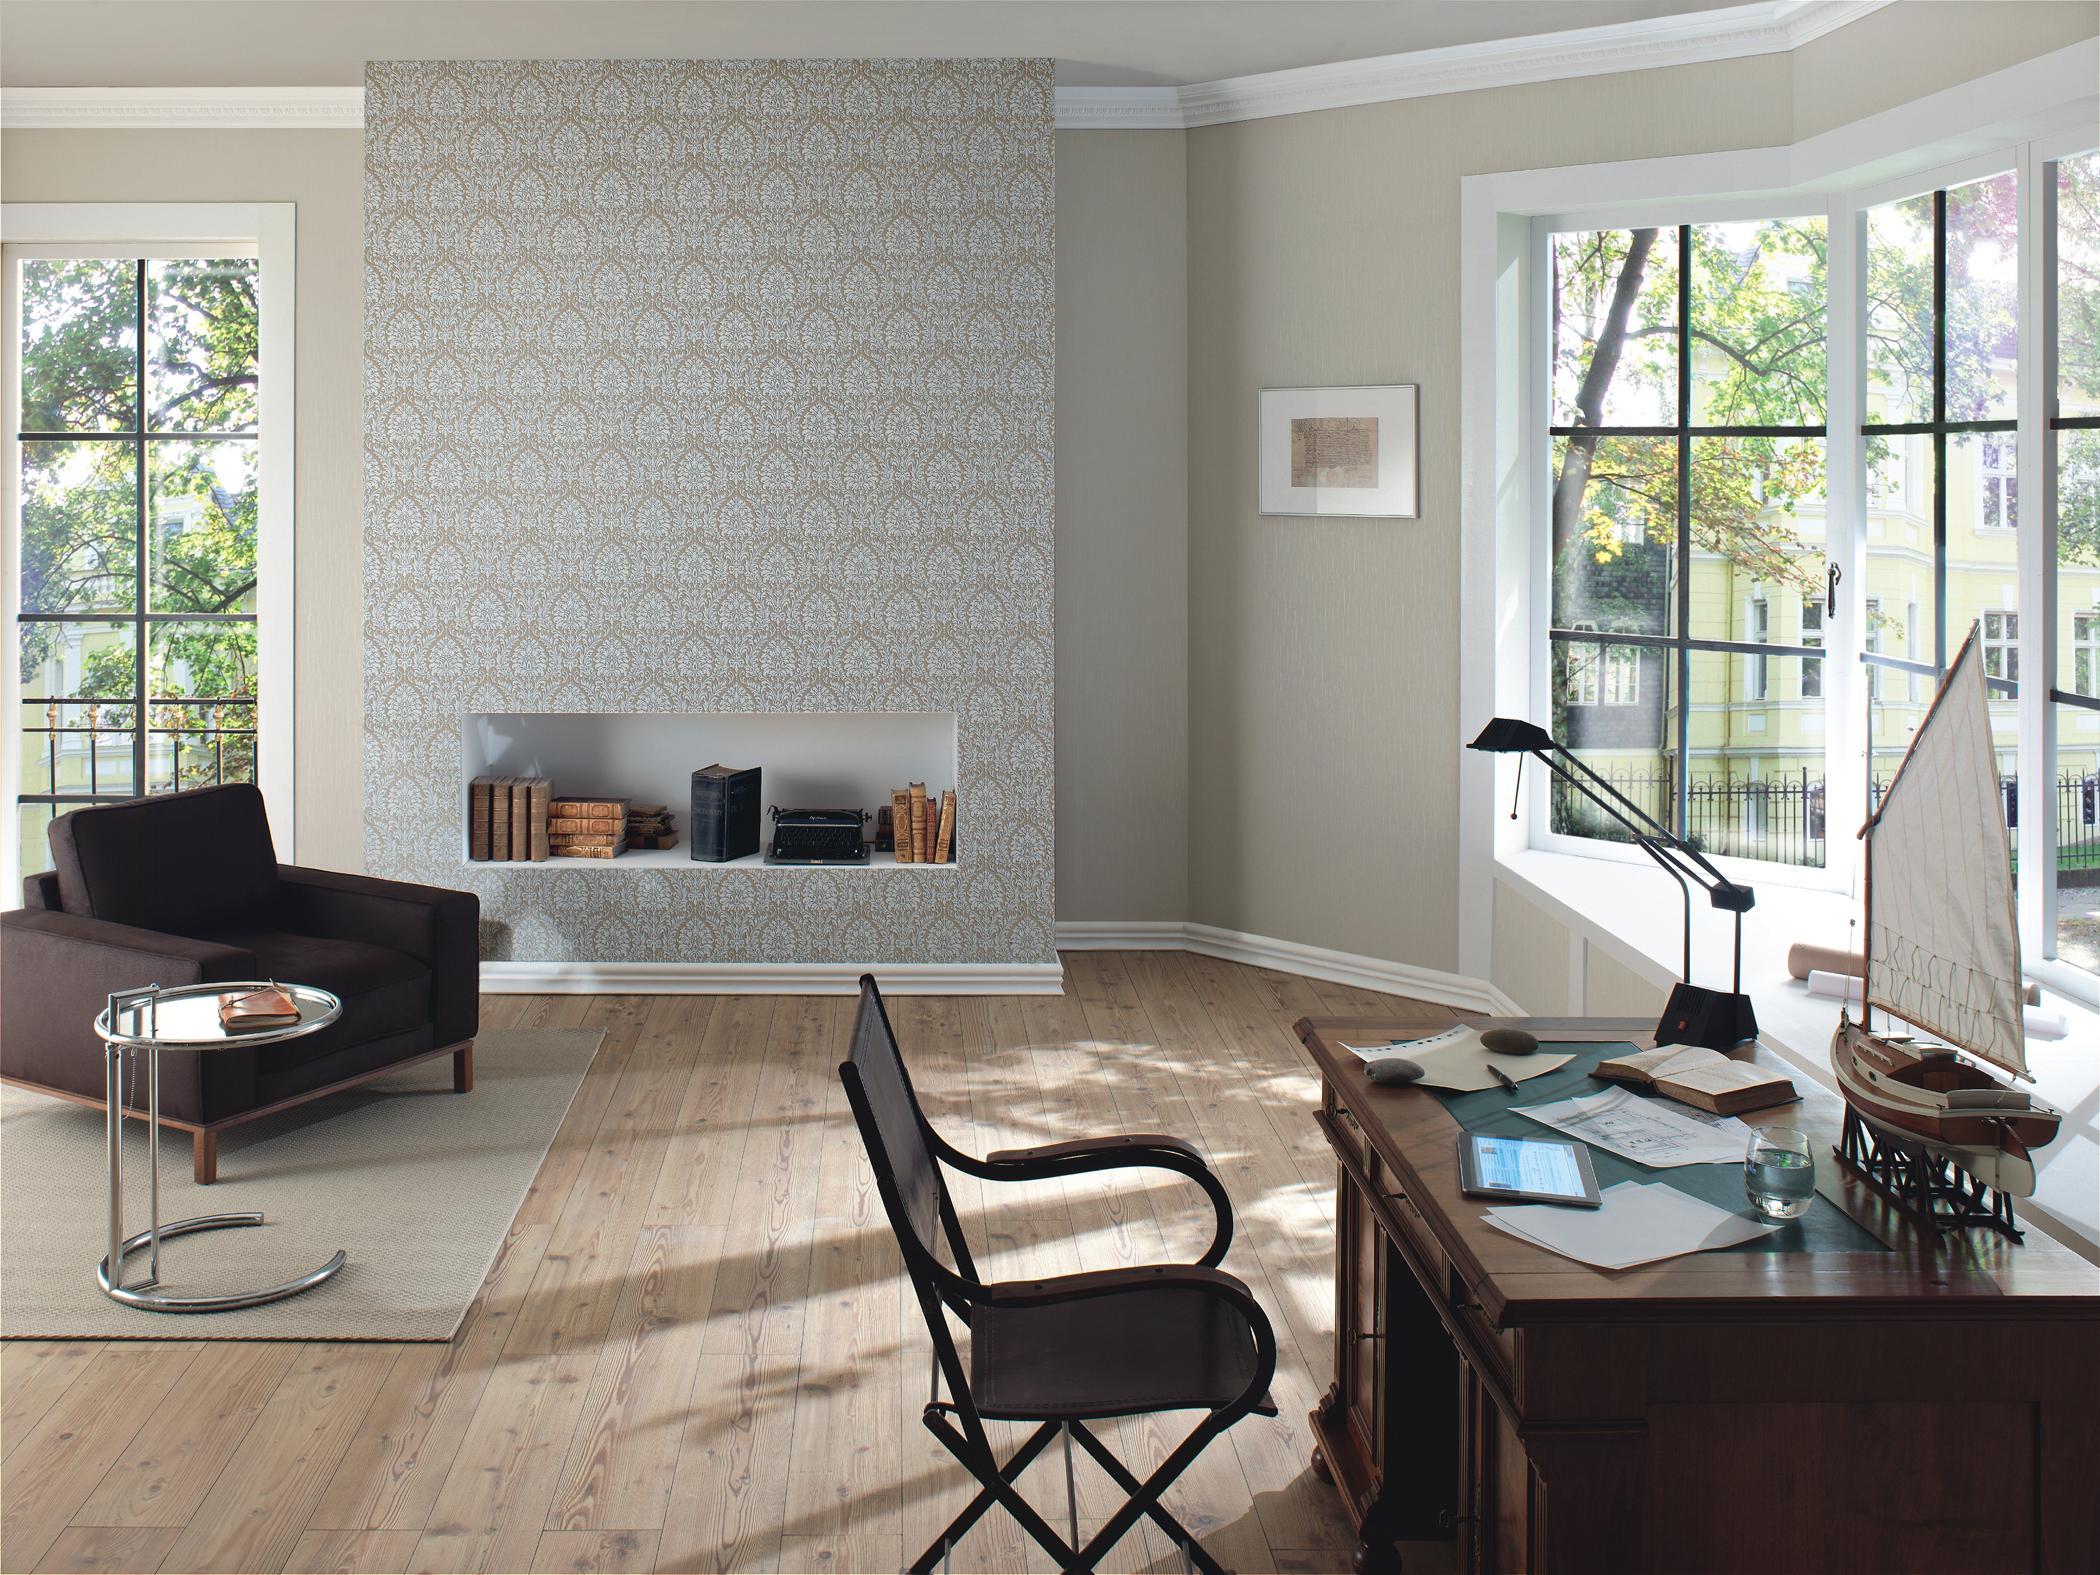 Geliebte Regal In Wand Einbauen. Cool Ideen Wie Sie Den Von Ikea Pimpen AI21